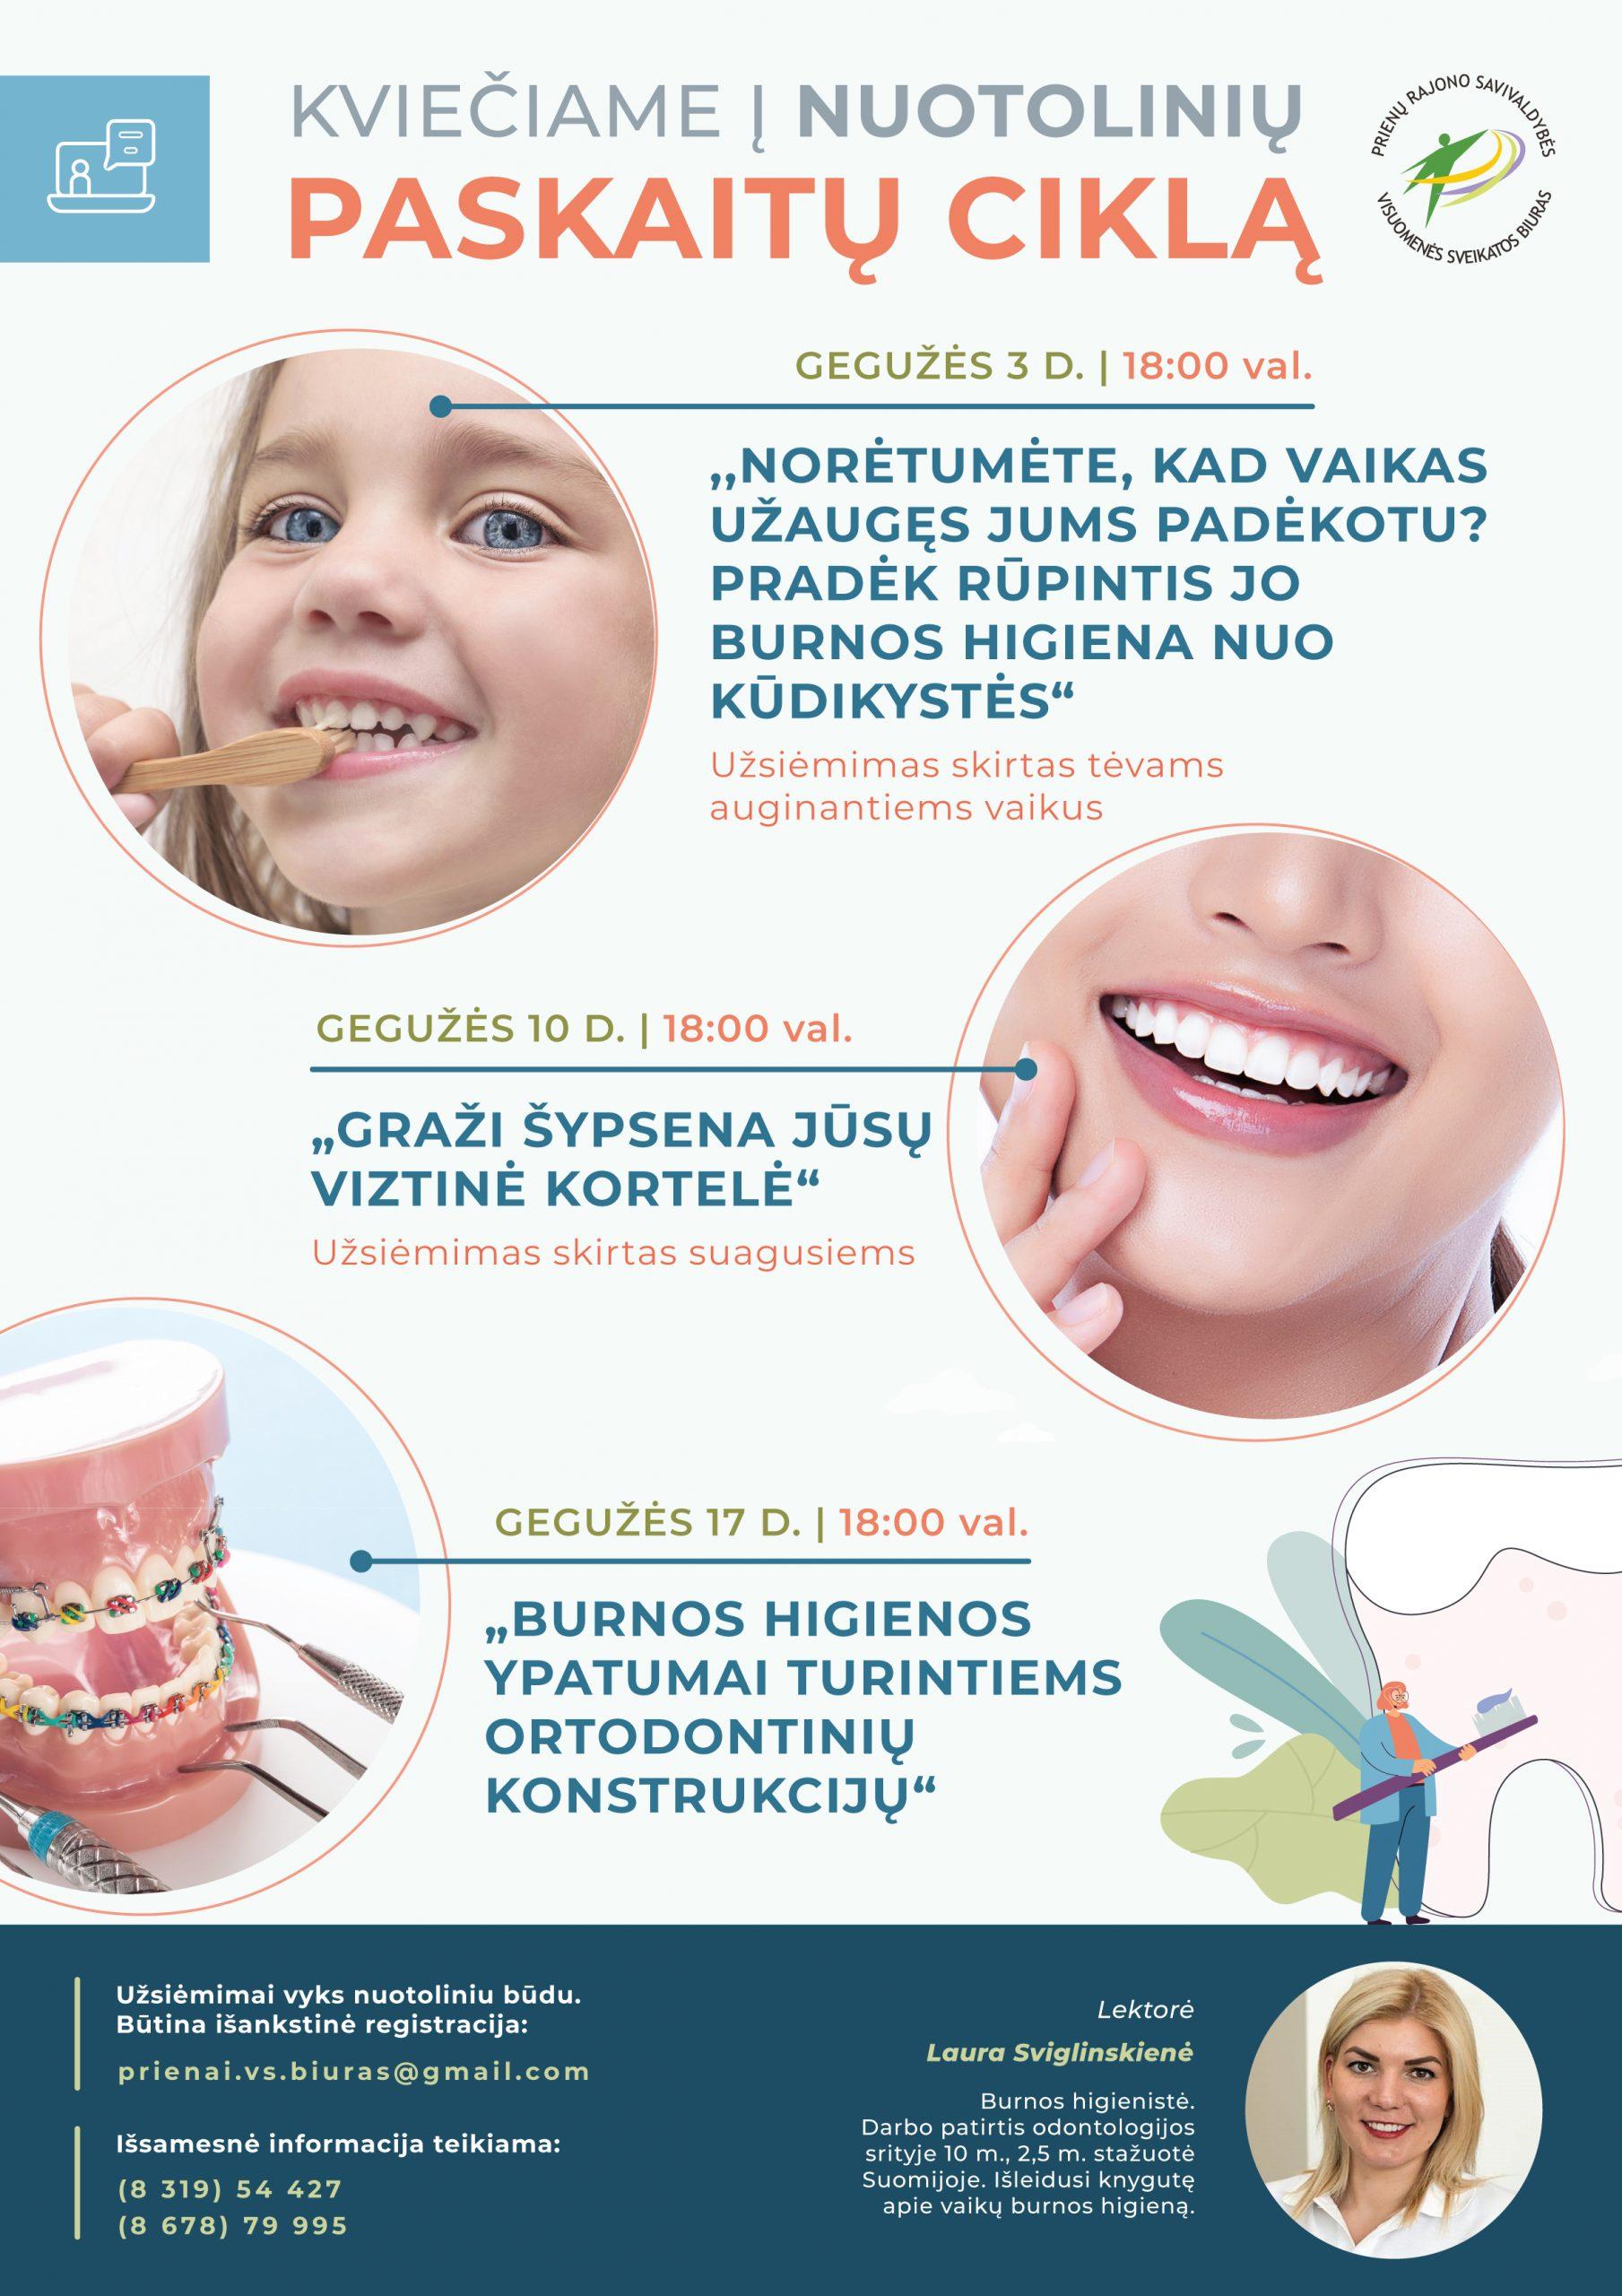 Kviečiame į nuotolines paskaitas burnos higienos temomis